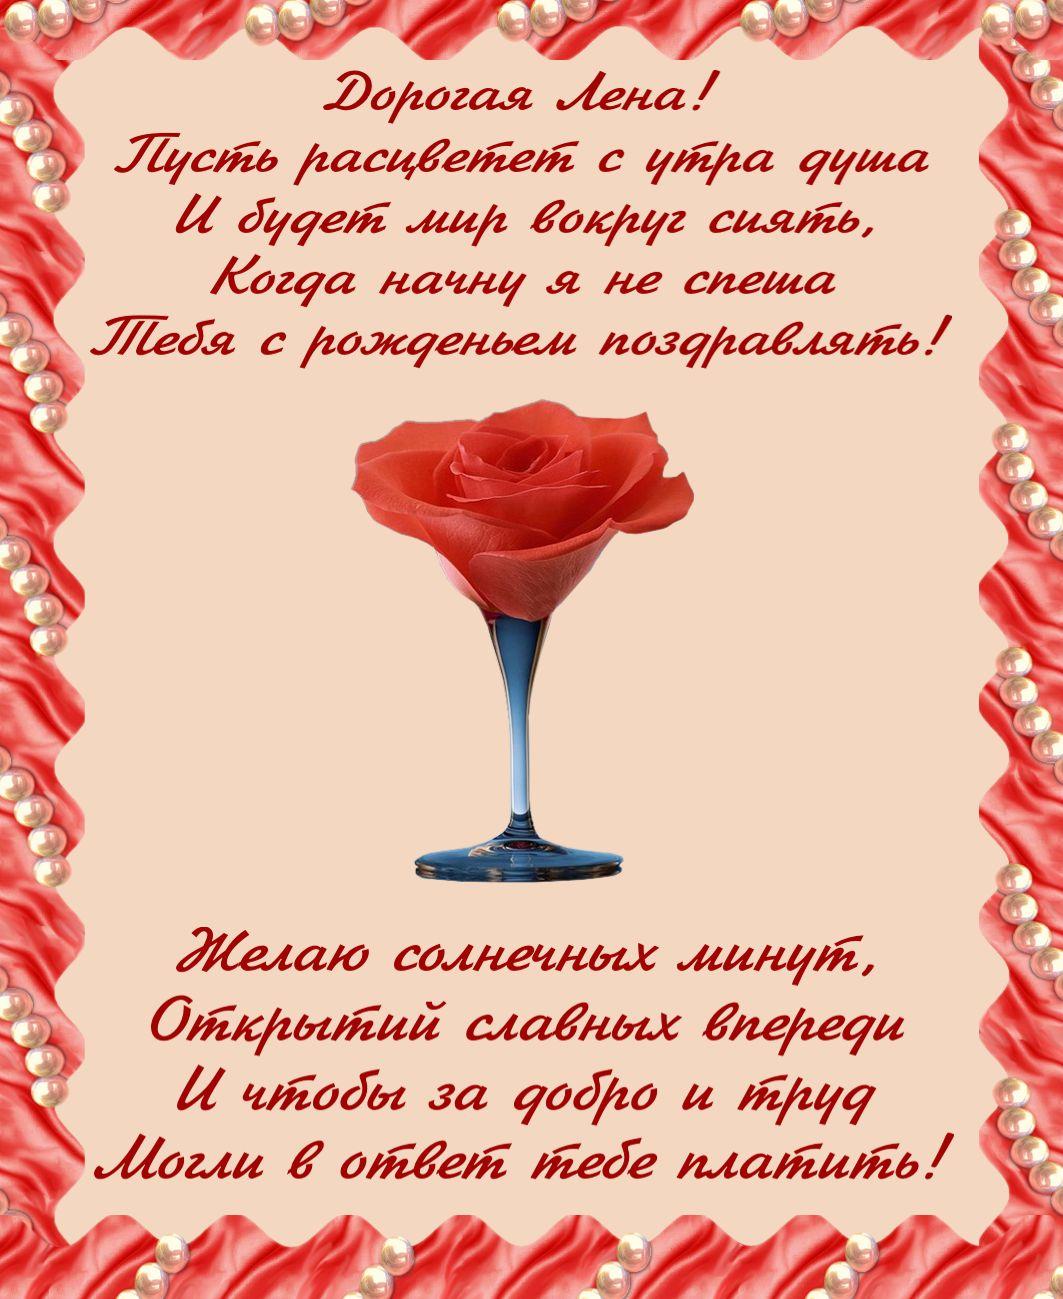 открытка - роза и пожелание для Лены в красивой рамке